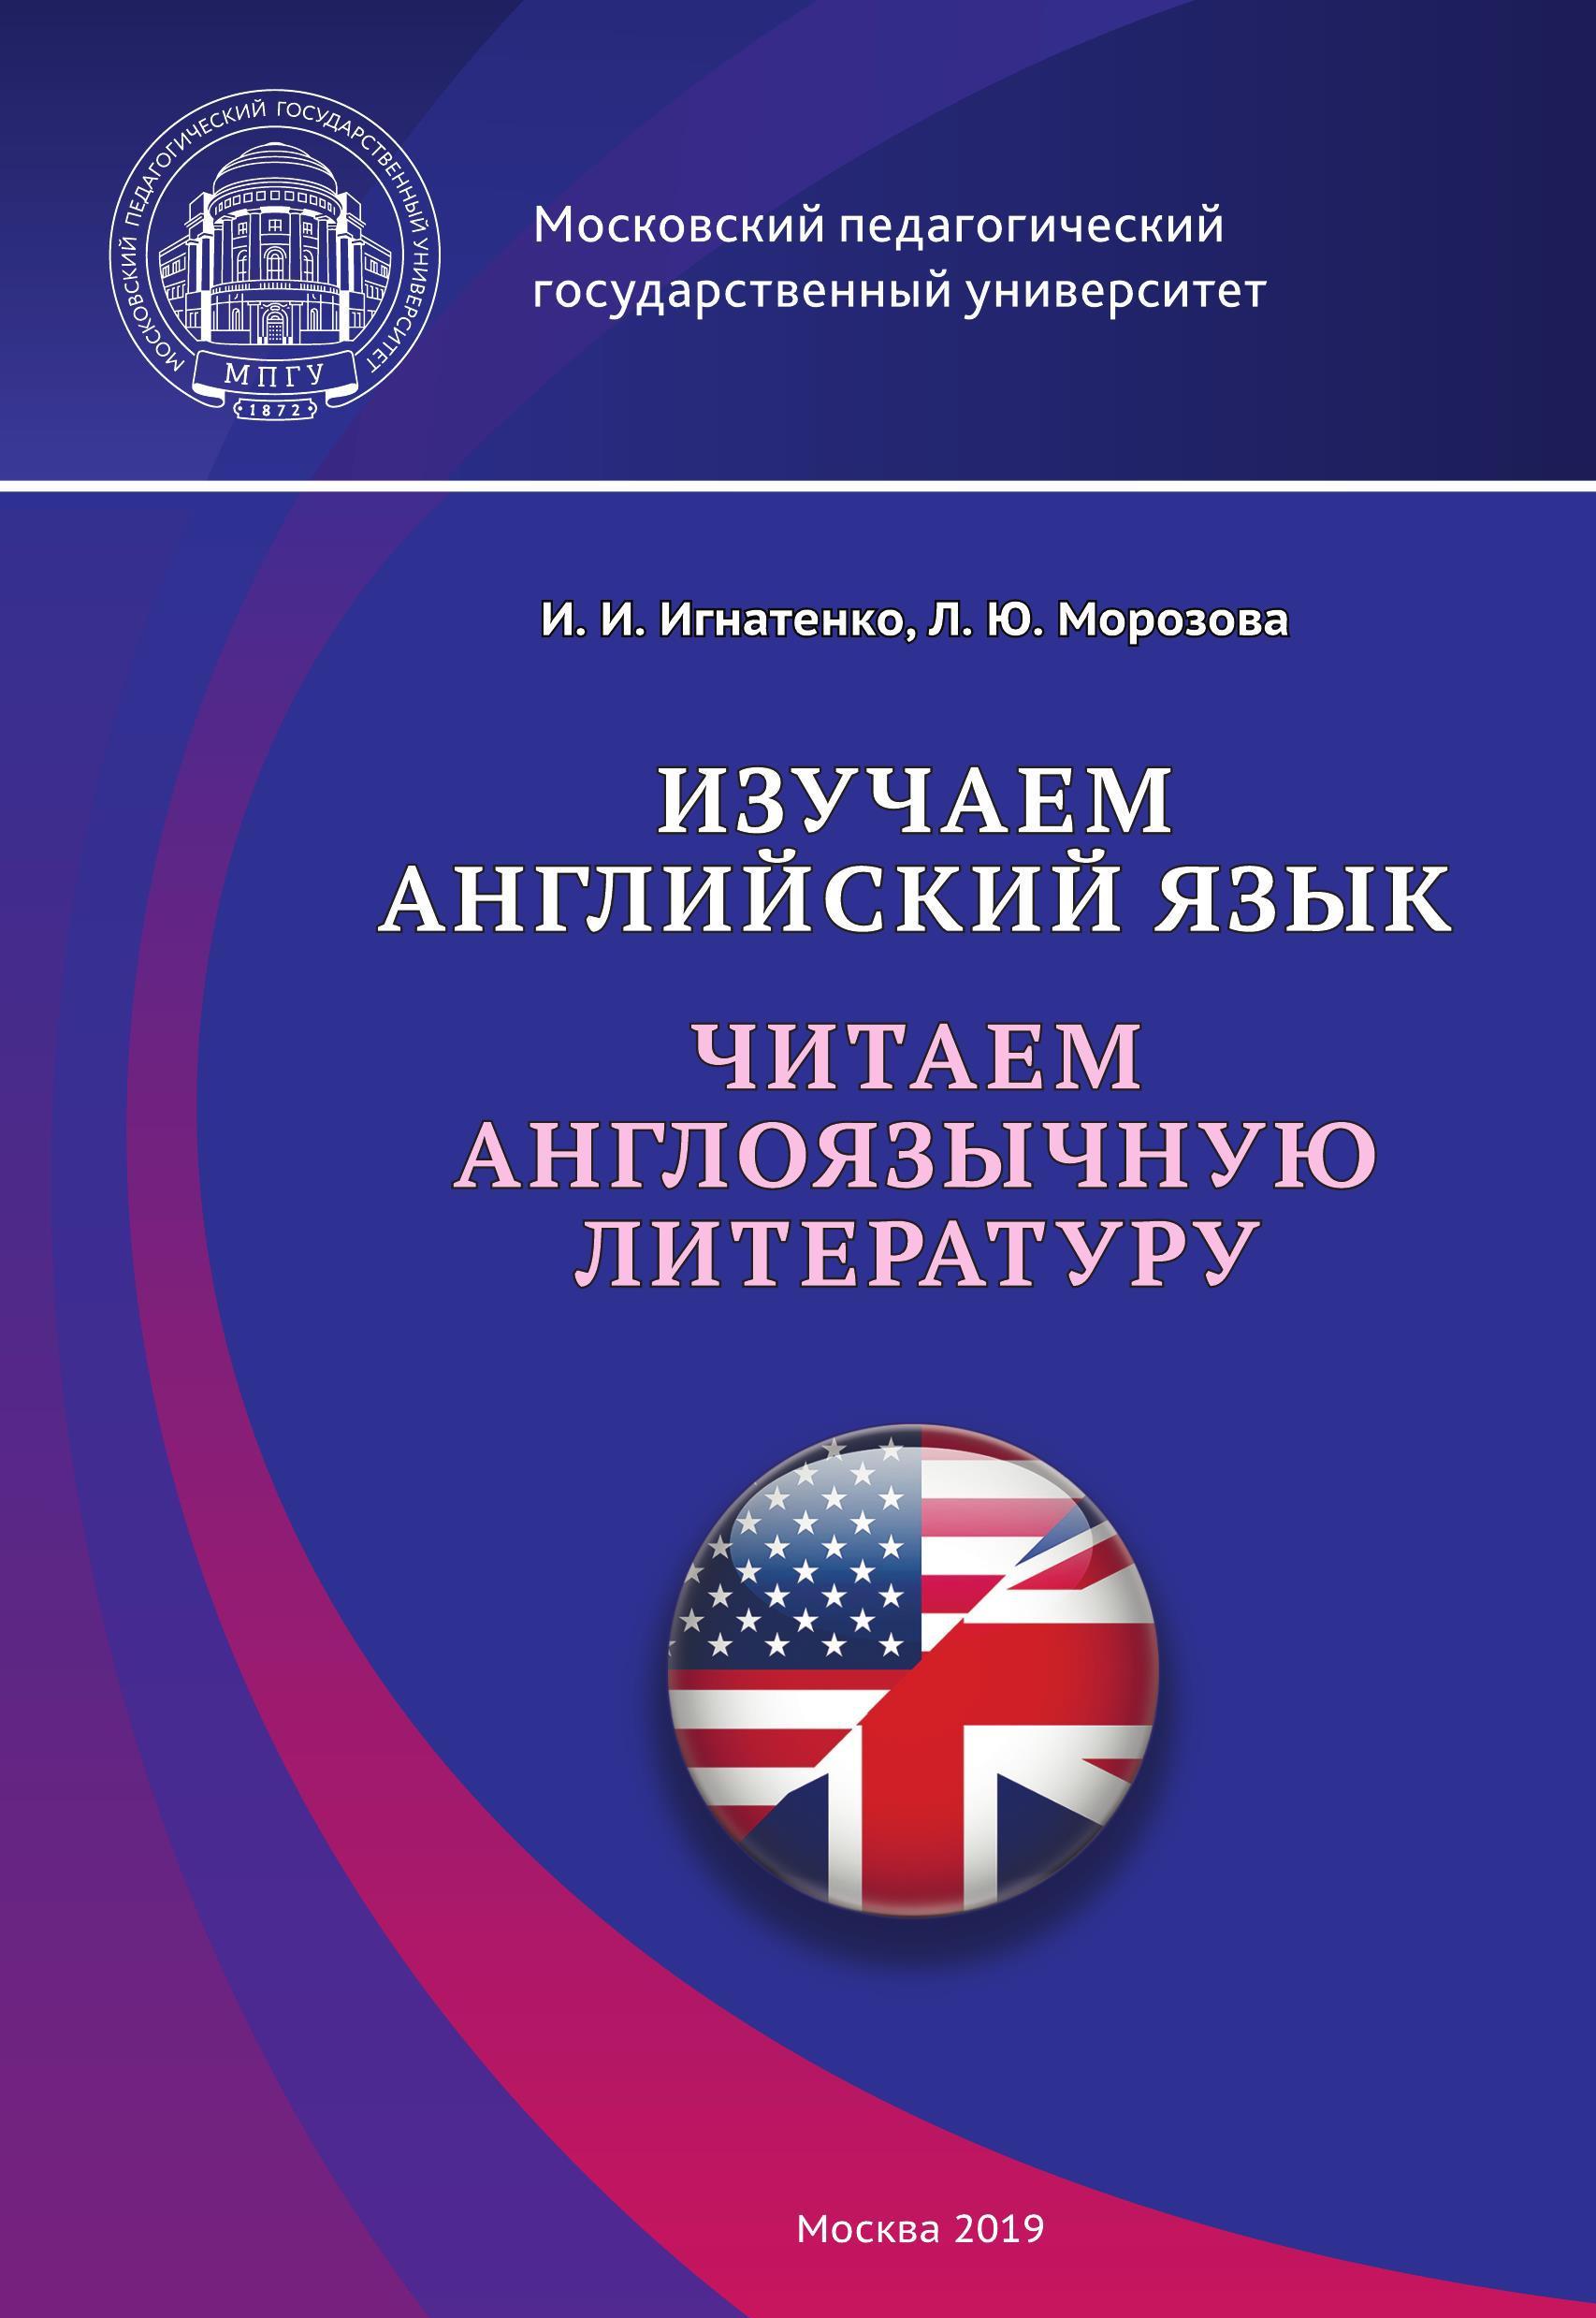 Изучаем английский язык. Читаем англоязычную литературу